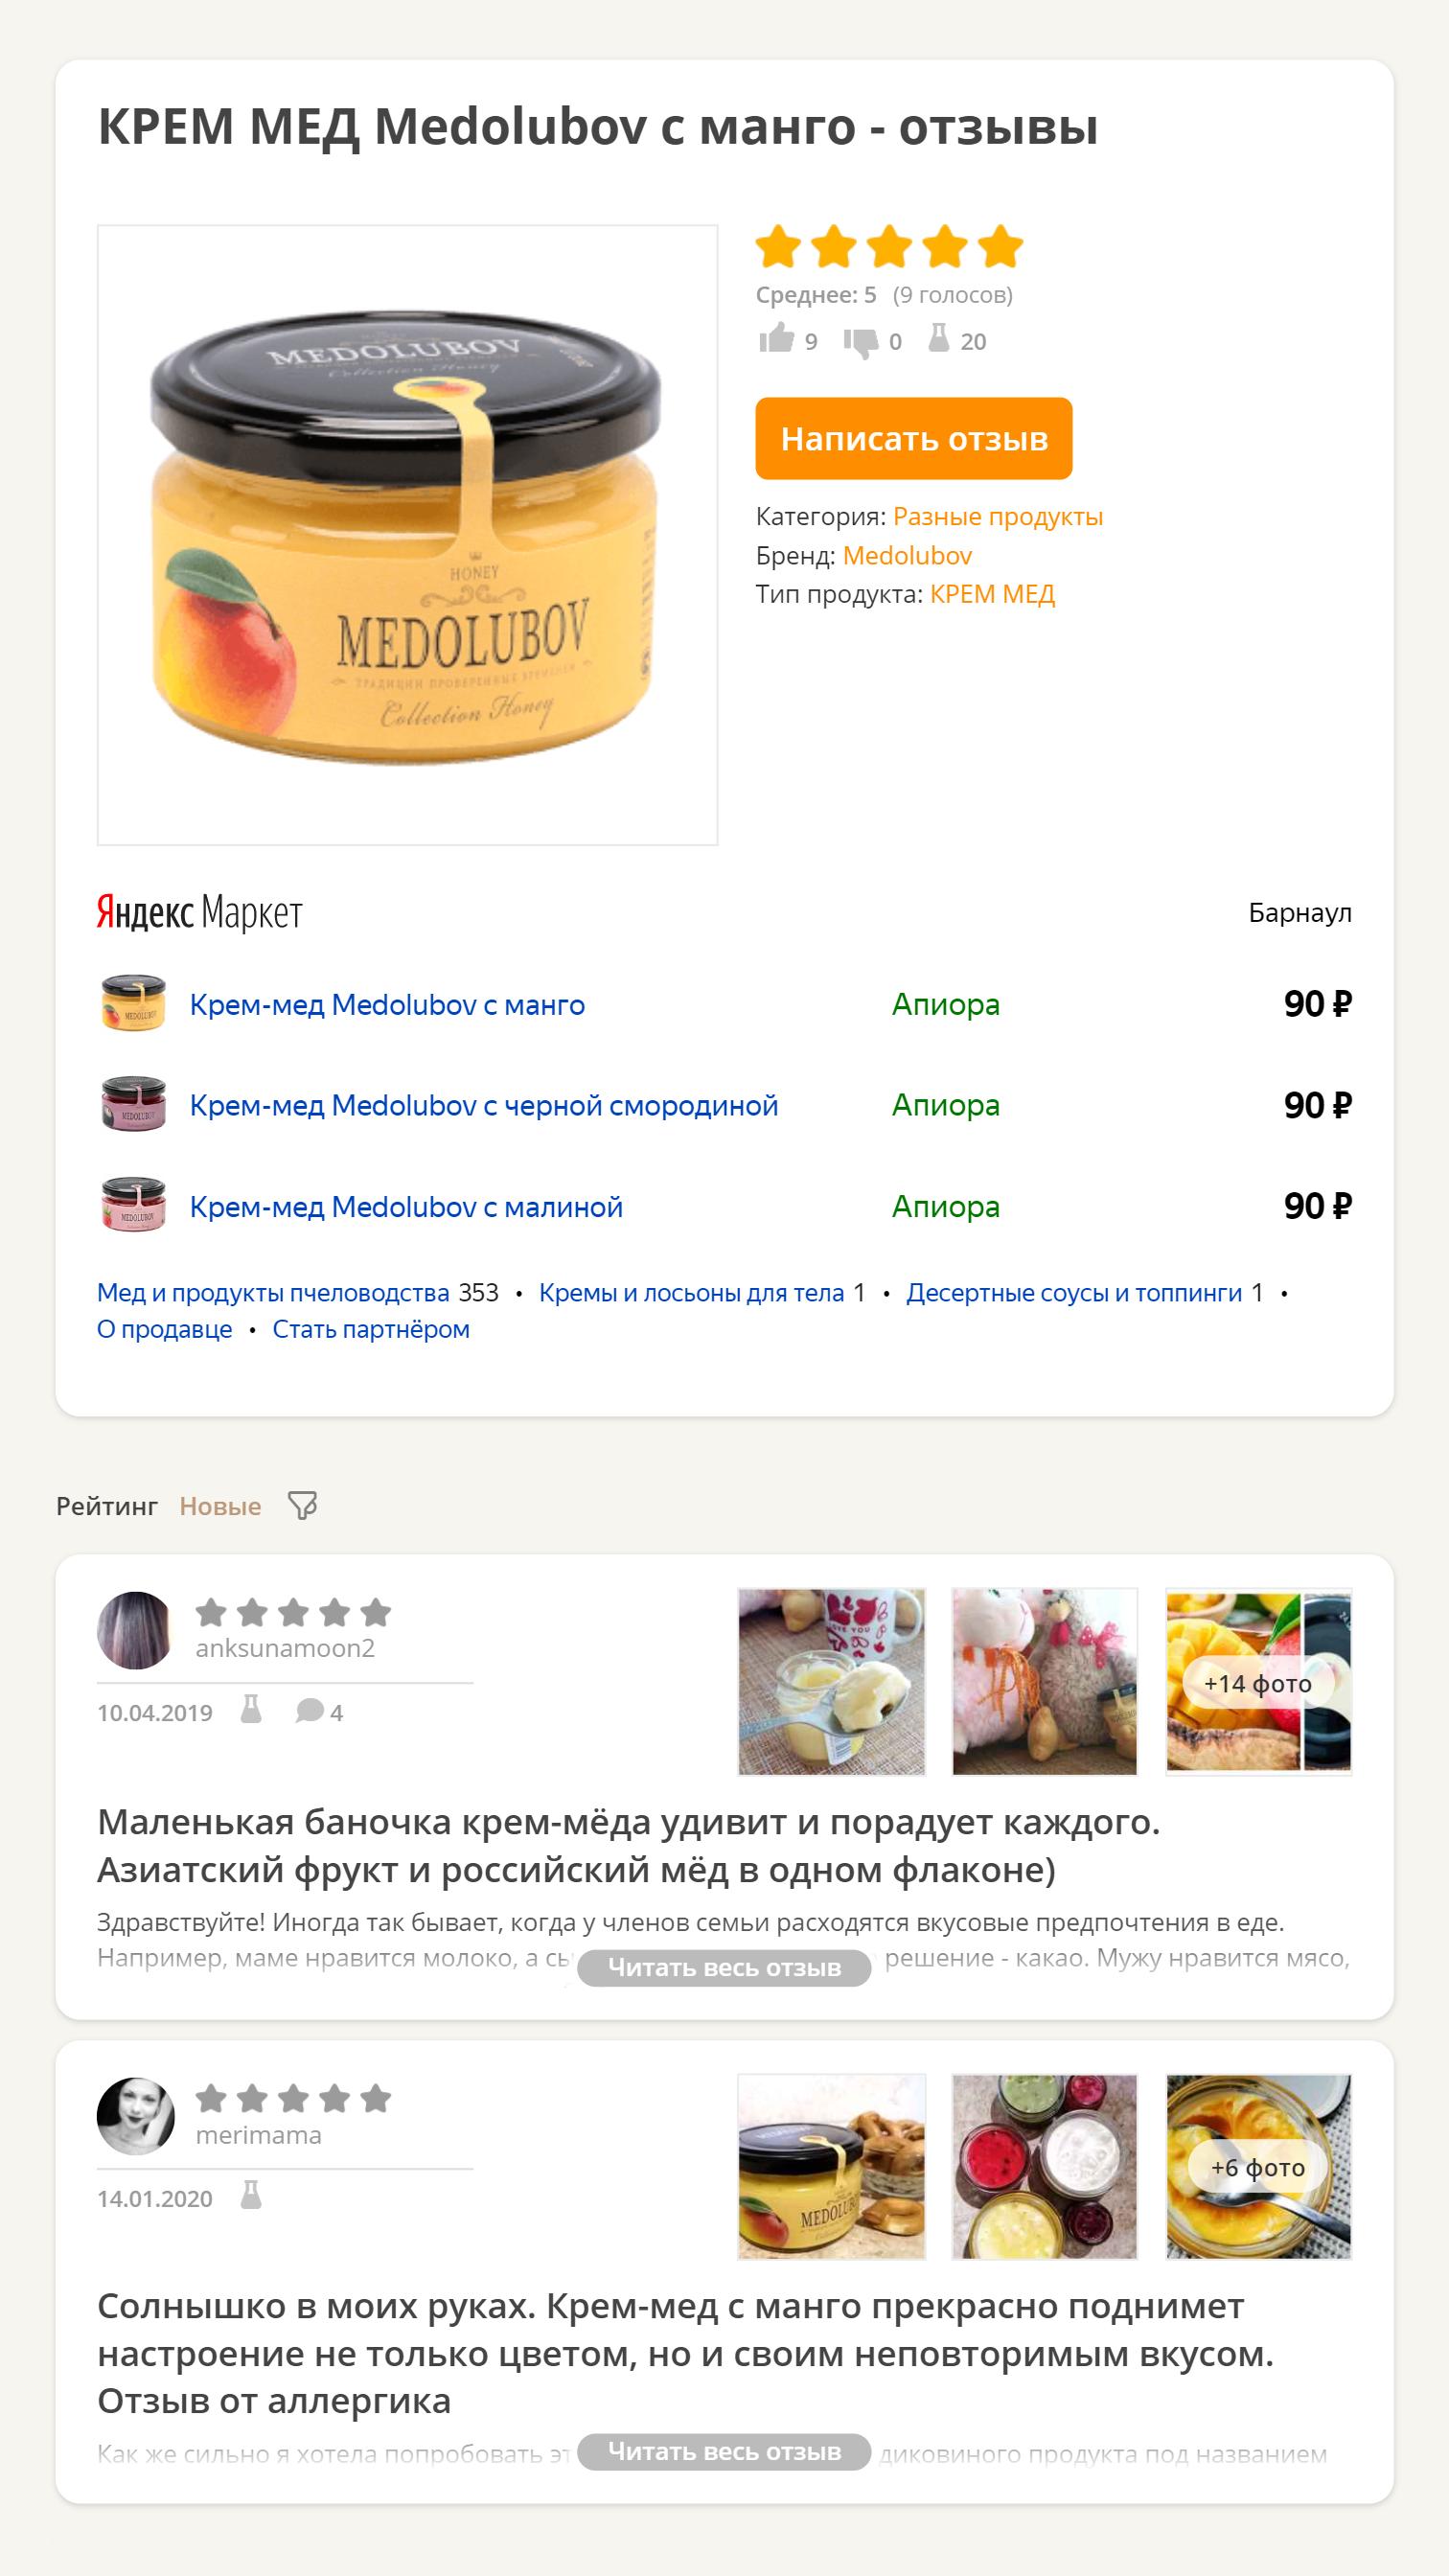 Вот, например, обзорные отзывы на крем-мед с манго